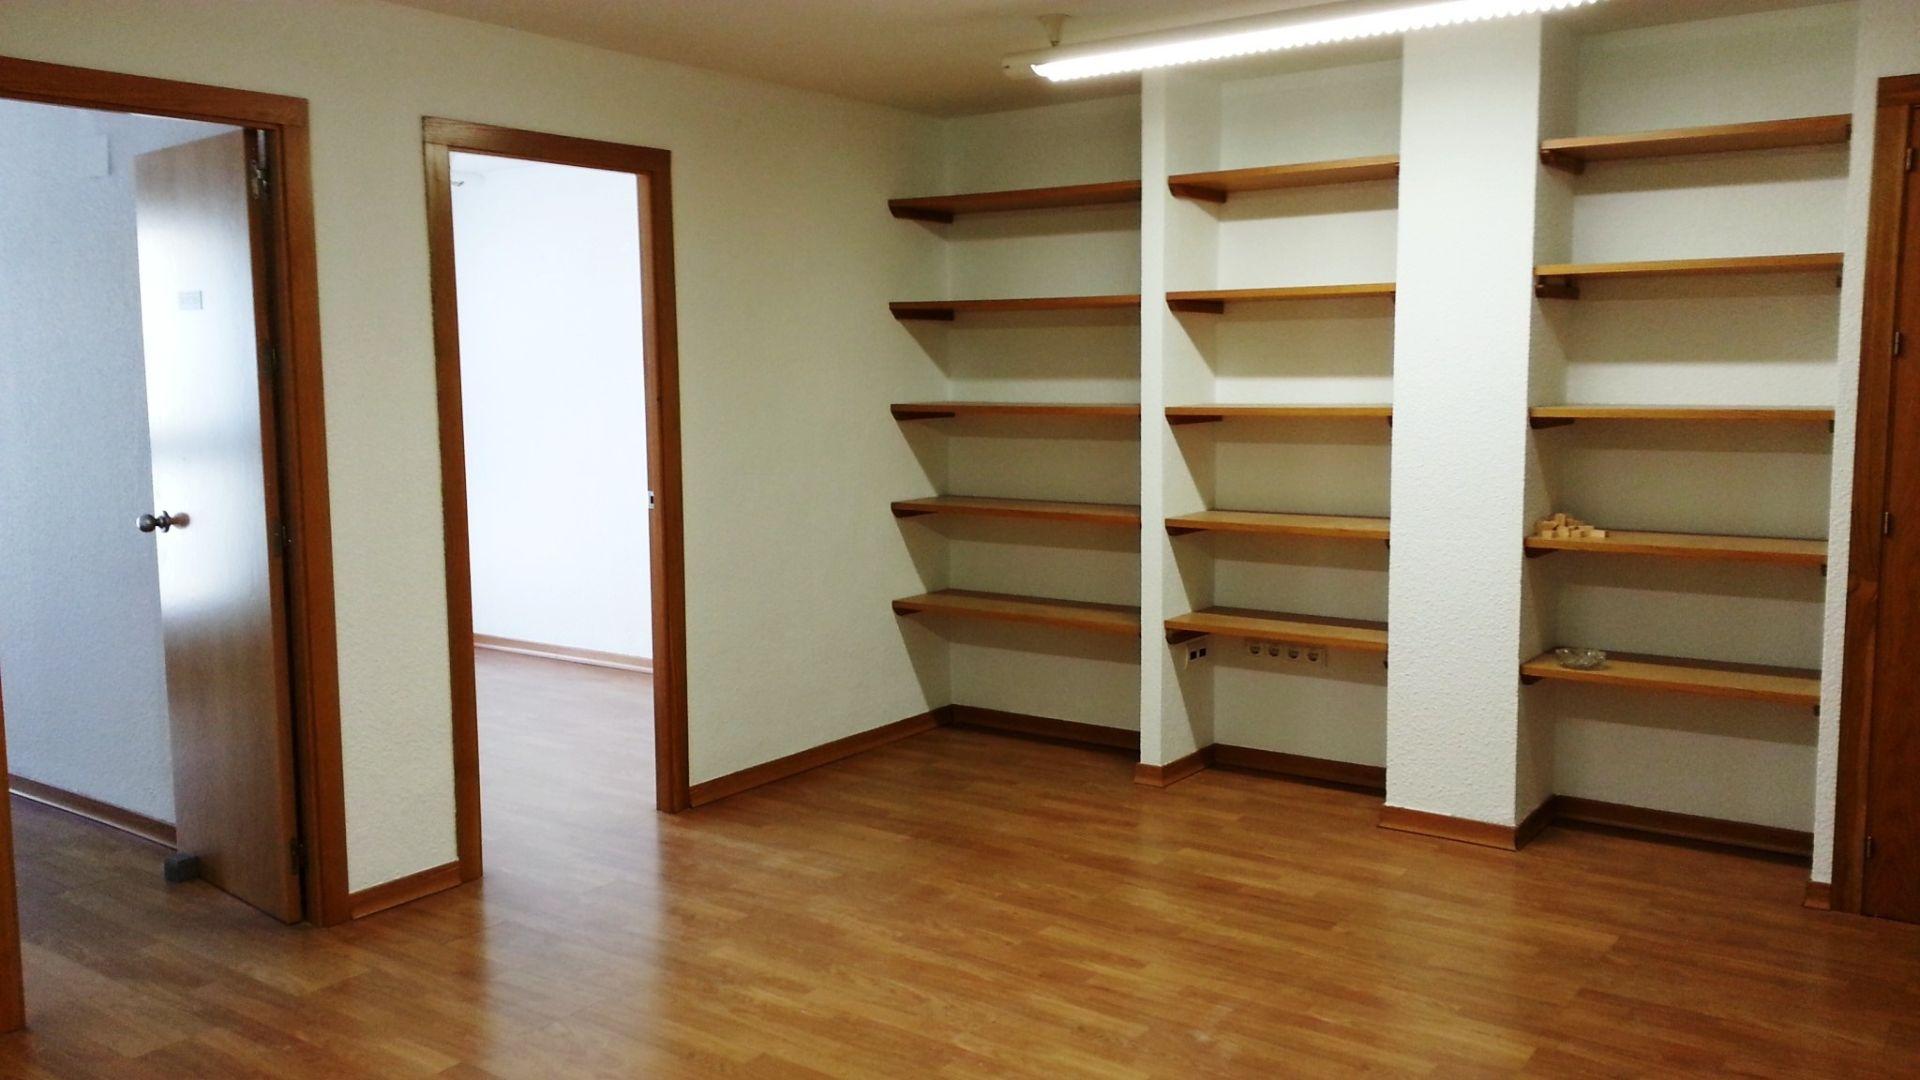 Oficina en alquiler en Huelva zona Zona Centro